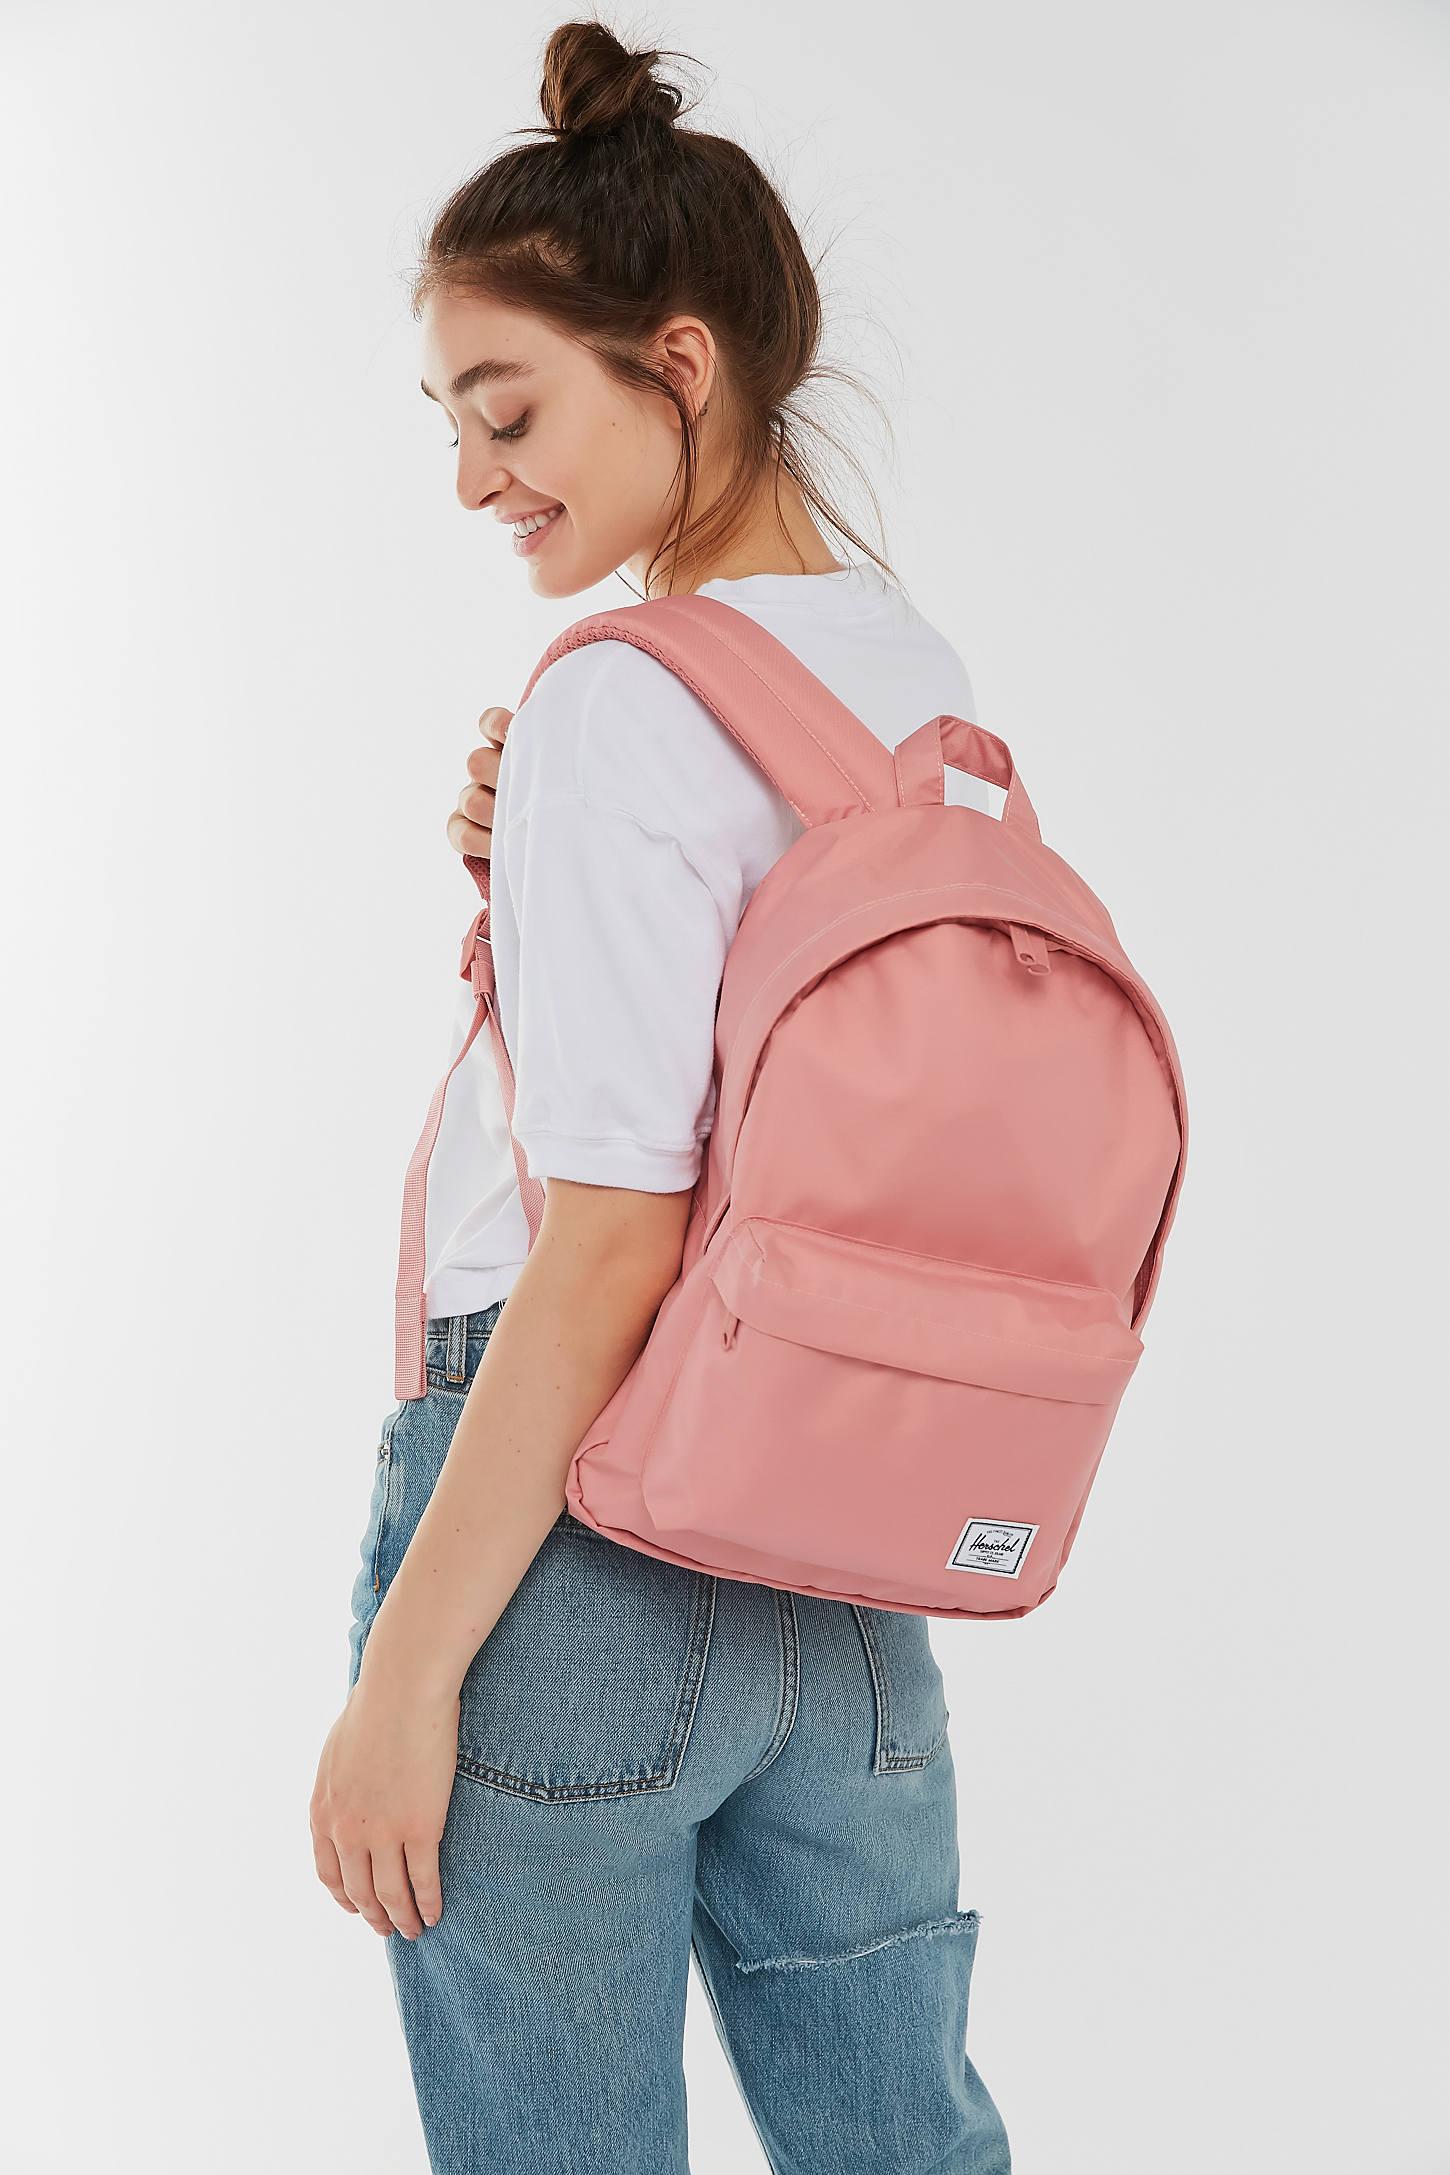 Herschel Supply Co. UO Exclusive Classic Mid-Volume Light Backpack